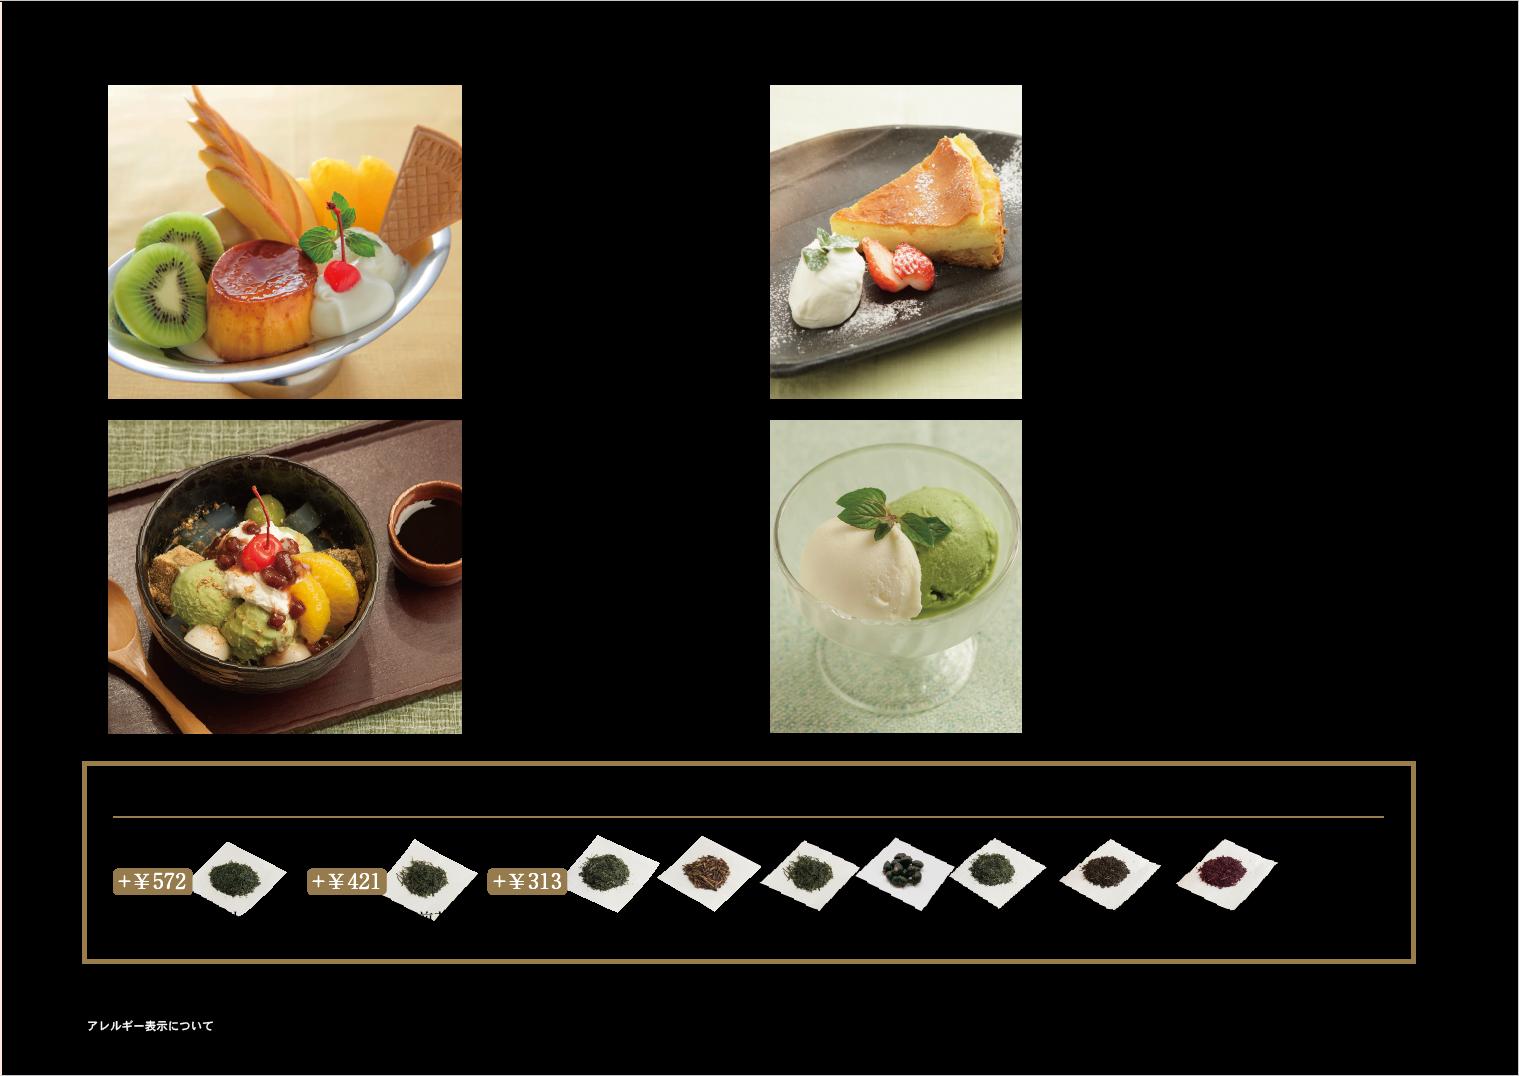 minoru_oyatsu_menu_171127_04-2.png